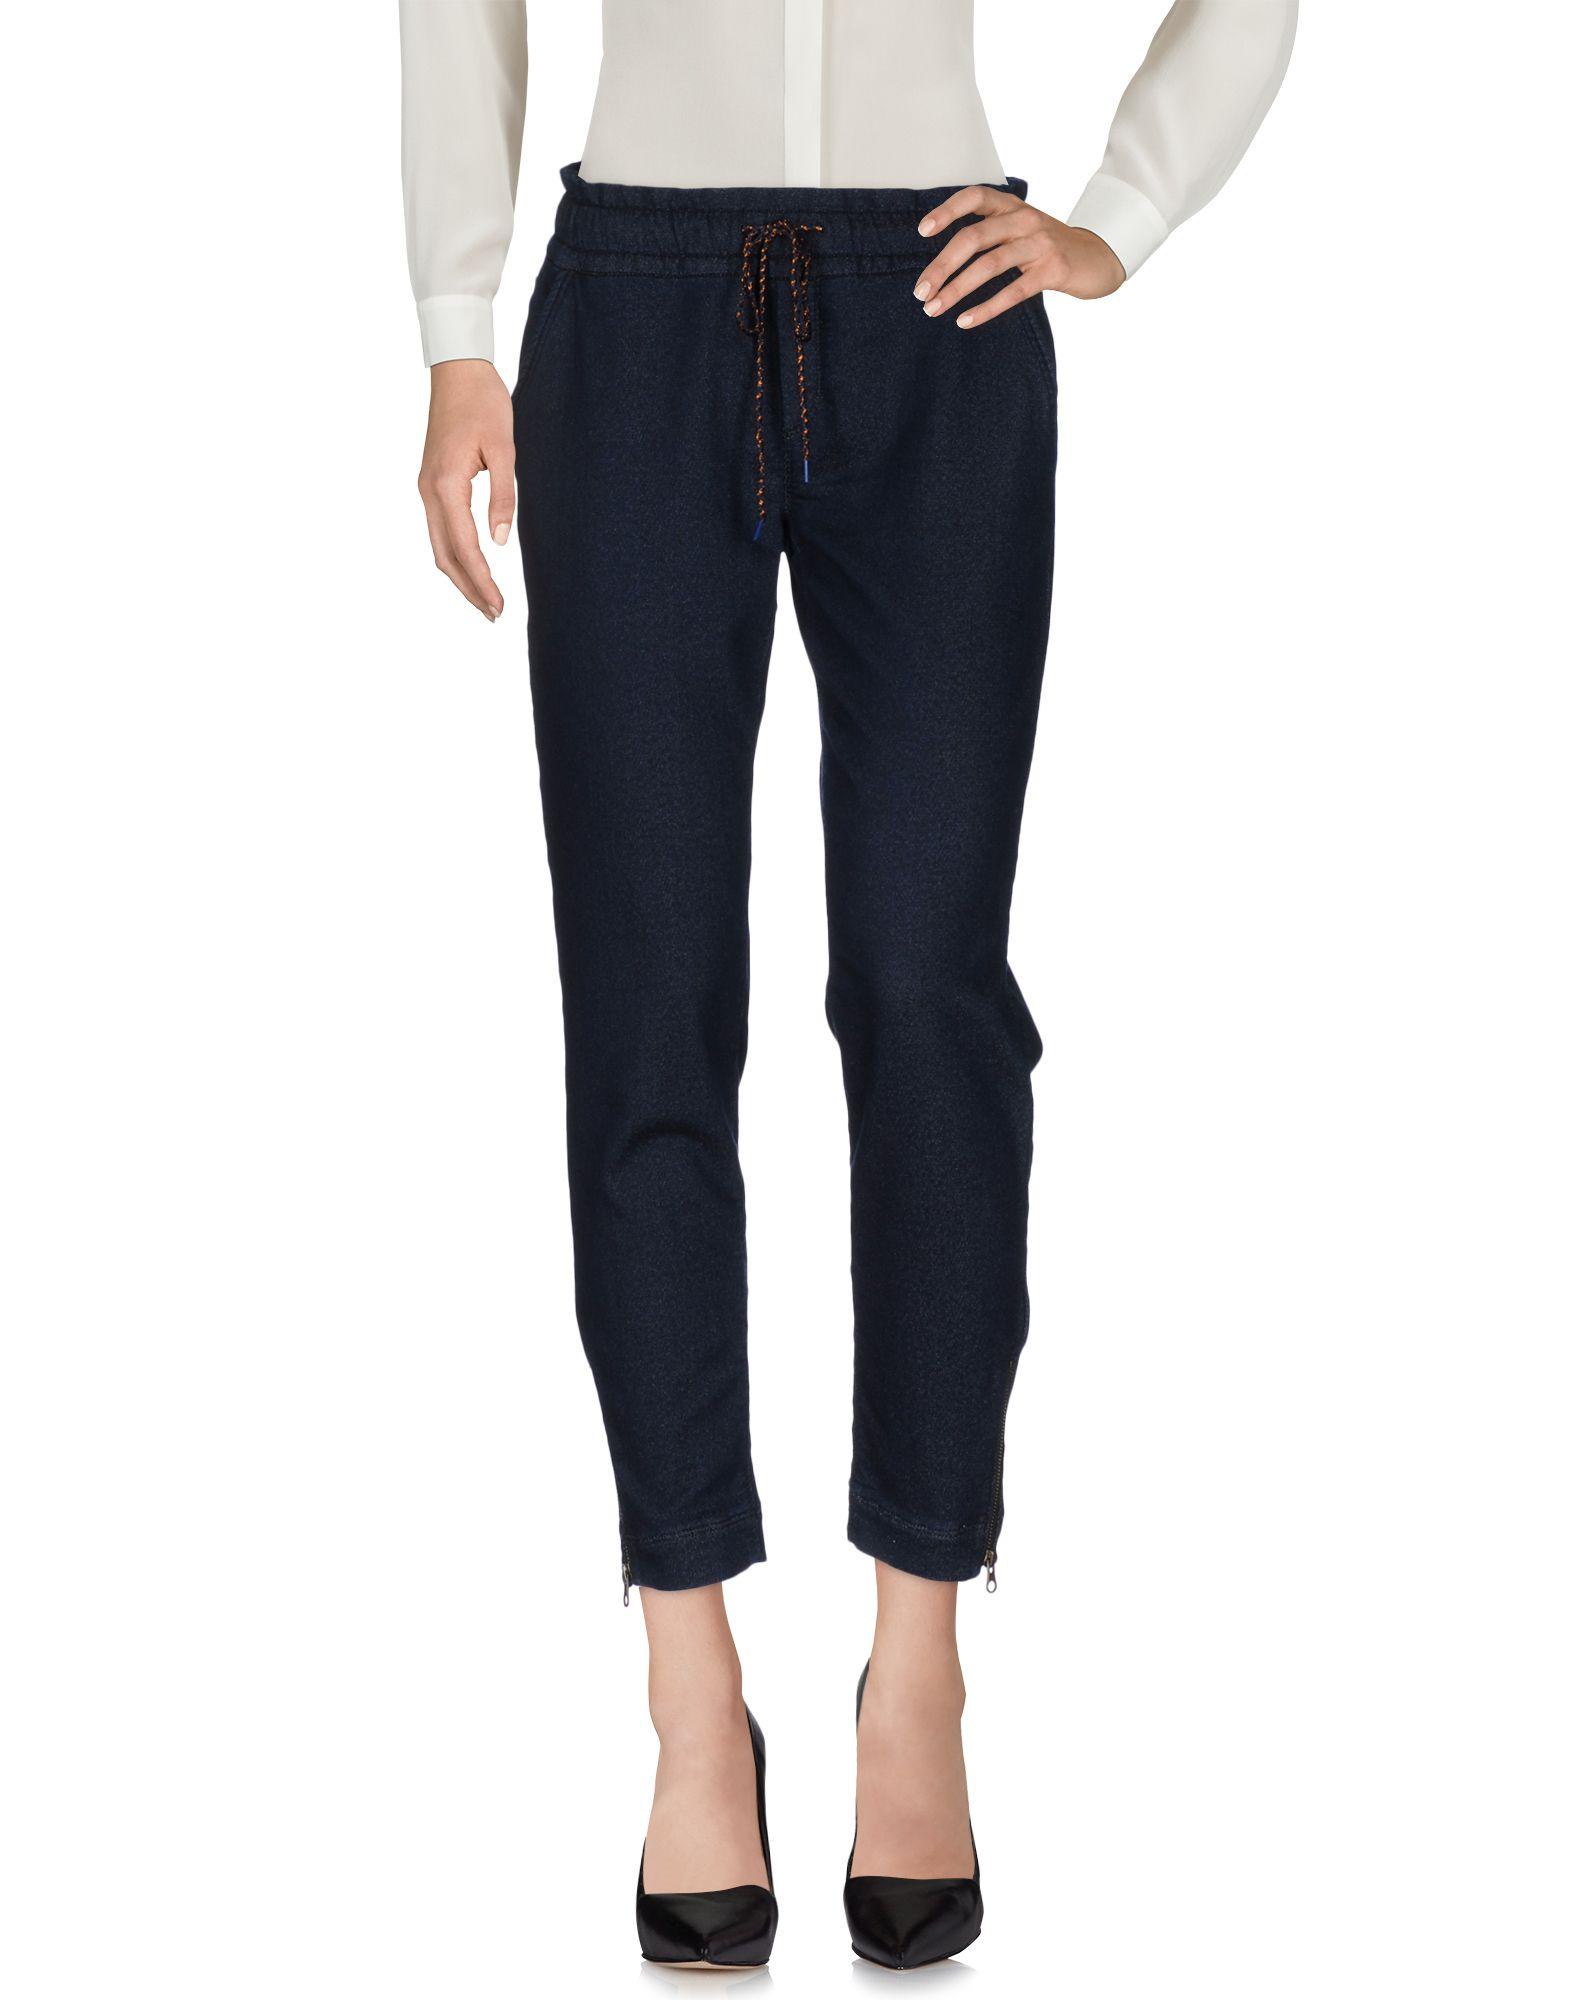 HAMPTON BAYS Повседневные брюки цены онлайн